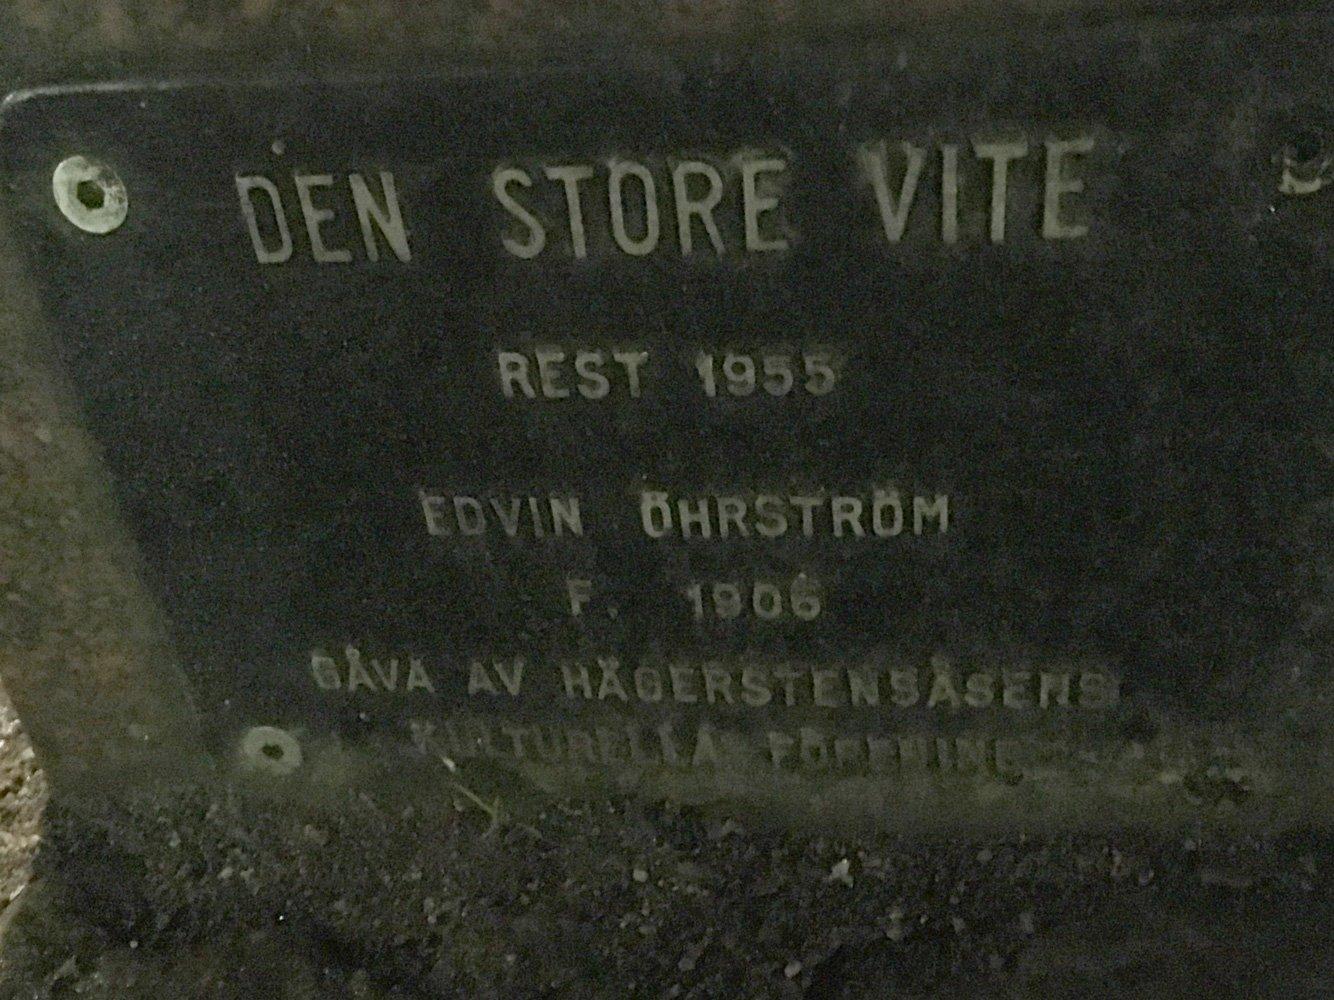 Den store vite, Edvin Öhrström, skulptur Västertorp